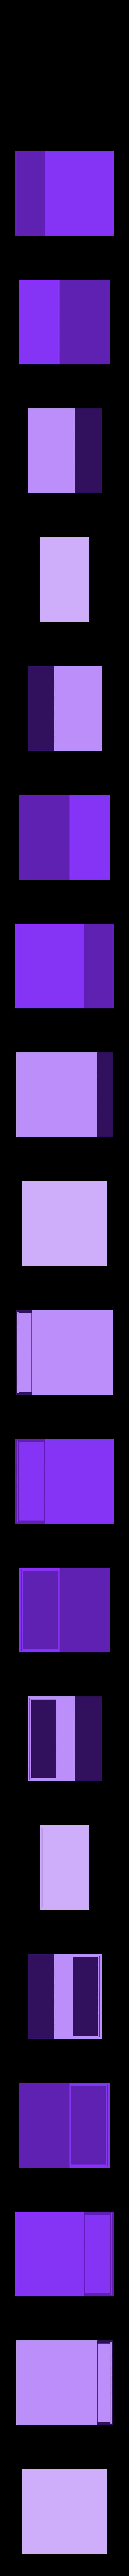 clip_system_w_box_bottom.stl Télécharger fichier STL gratuit Boîte avec système de verrouillage *NOUVEAU • Modèle pour imprimante 3D, Khuxtan